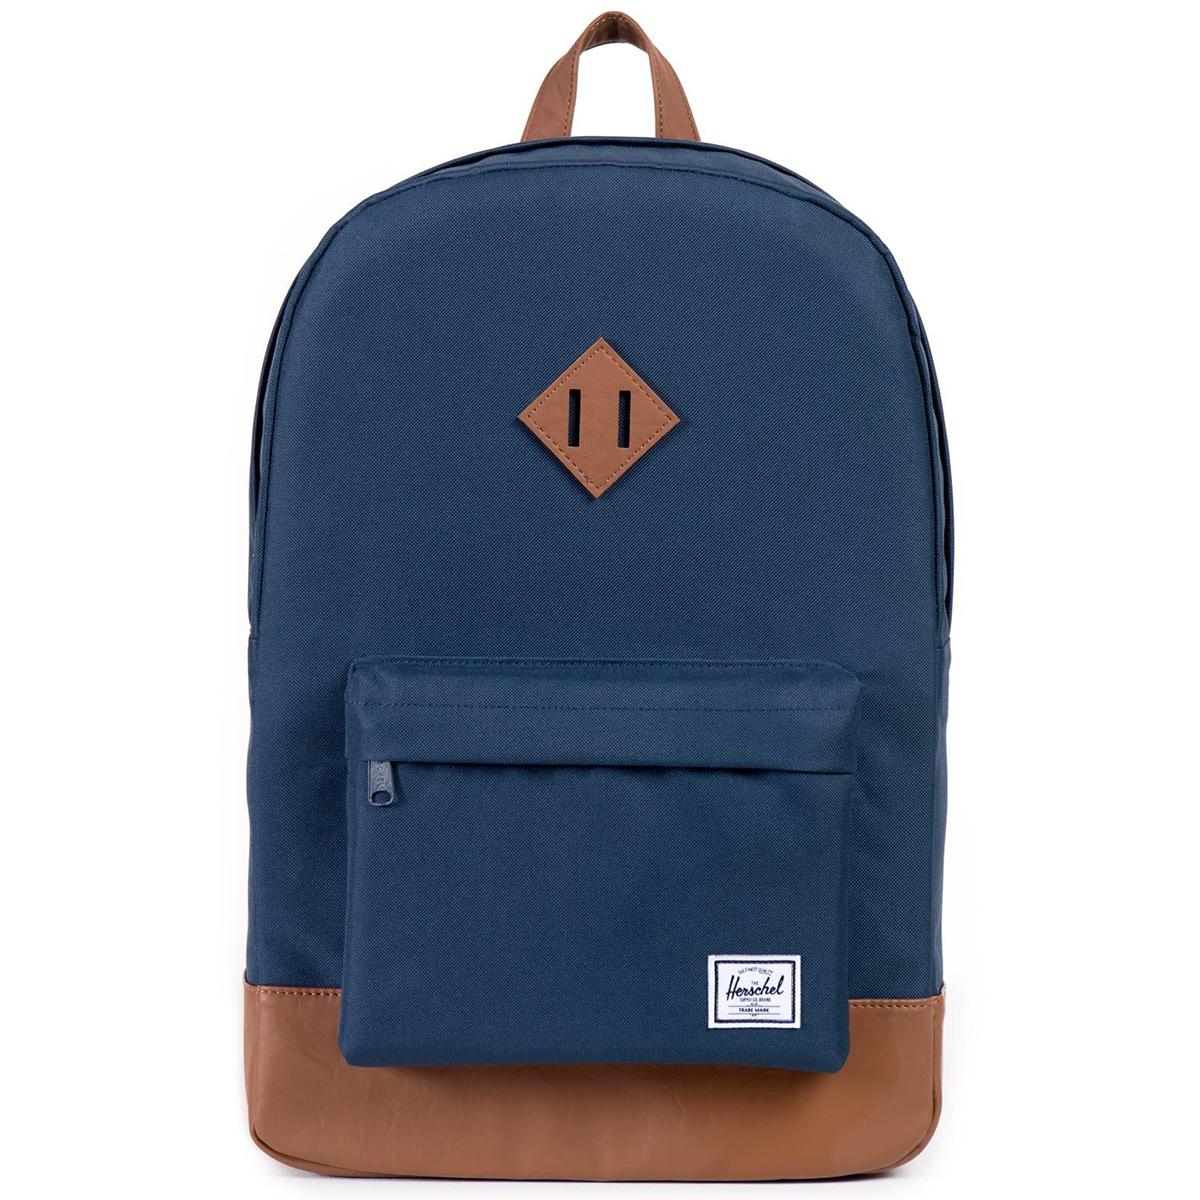 Рюкзак городской Herschel Heritage (A/S), цвет: синий, светло-коричневый. 828432005437 рюкзак городской herschel settlement цвет светло зеленый черный 23 л 10005 01555 os